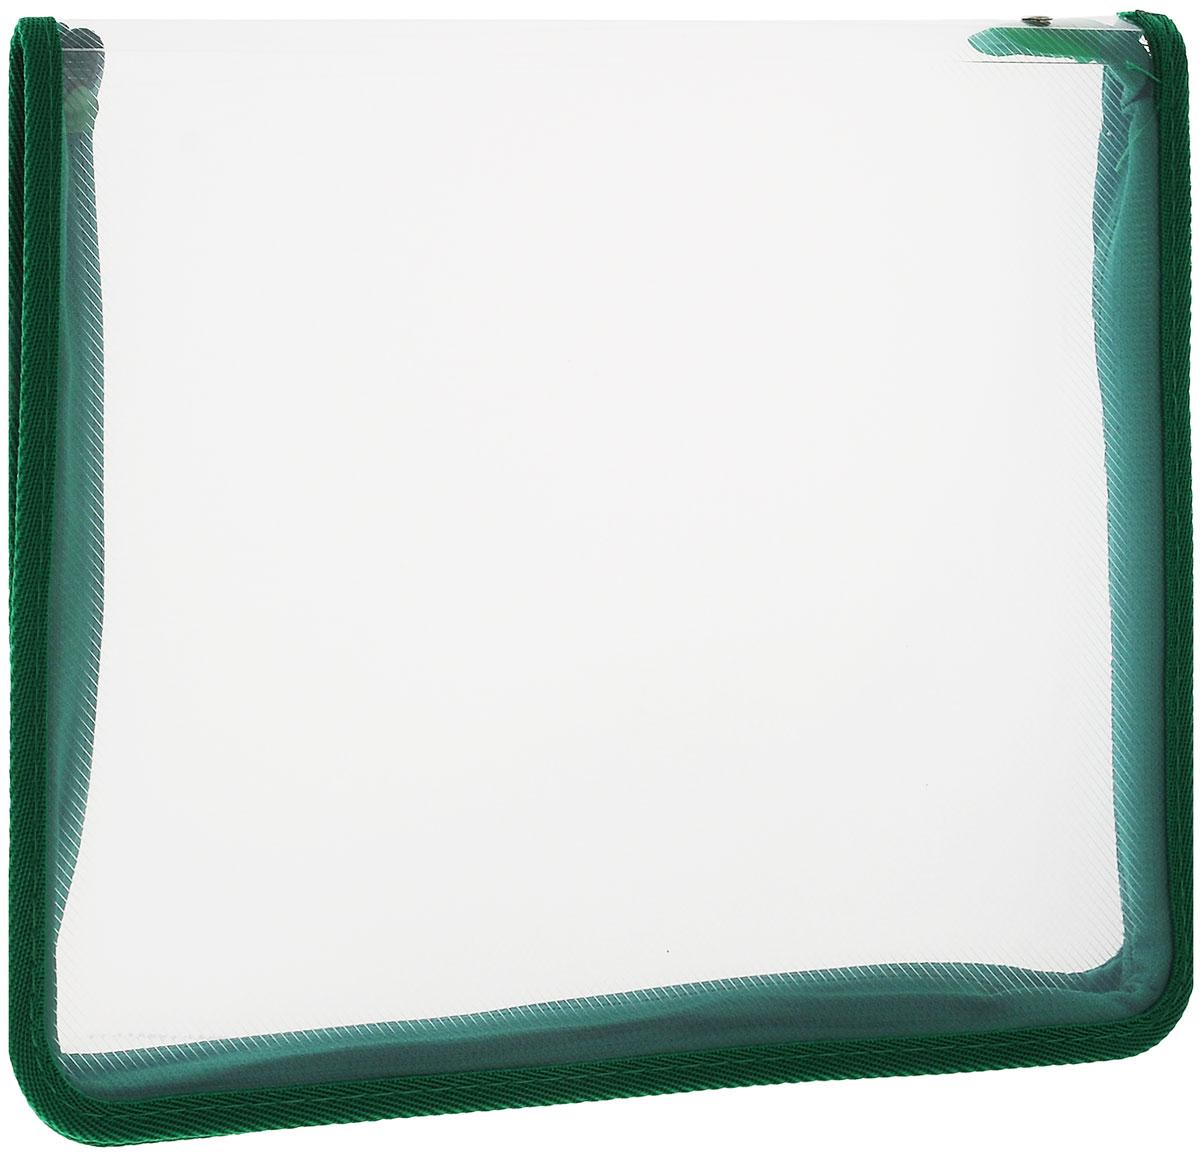 Erich Krause Папка на молнии, цвет: зеленый, прозрачный, формат А450120_зеленый, прозрачныйПапка на молнии Erich Krause формата А4 - это оптимальный способ уберечь от деформации тетради, документы, рисунки и прочие бумаги. С ней можно забыть о таких проблемах, как погнутые уголки и края. Кроме того, теперь все необходимые бумаги и тетради будут аккуратно собраны, а не распределены по разным местам, что сократит время их поиска. Стенки папки прозрачны, что позволяет видеть содержимое в ней и быстрее отыскать нужный предмет. Аксессуар закрывается на молнию, поэтому вы можете быть уверены, что положенные в нее бумаги не выпадут.